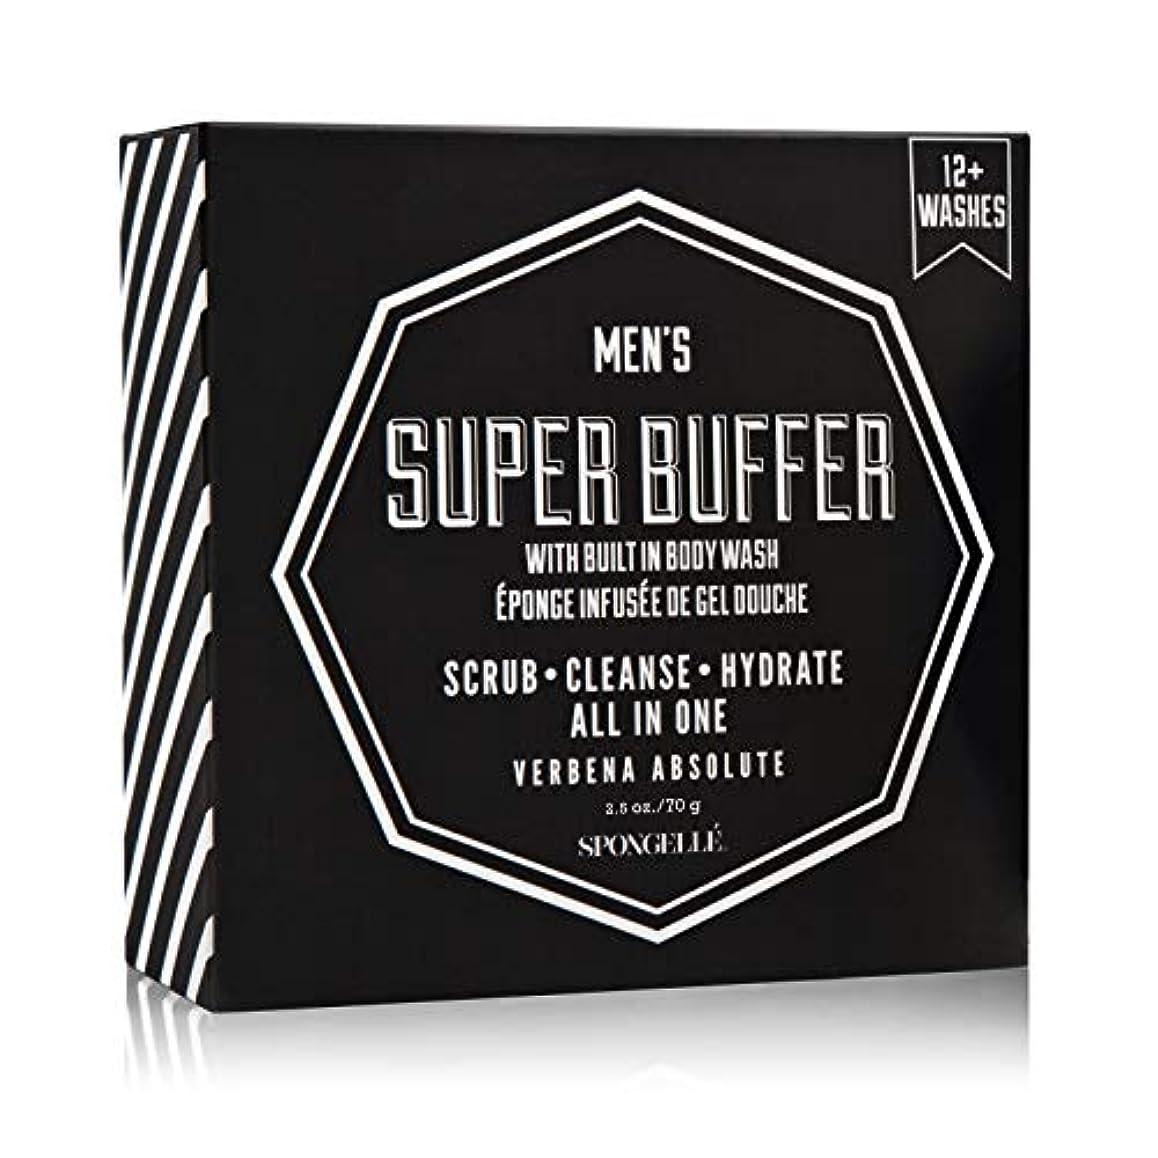 普通に書誌水銀のスーパーバッファー ヴァーベナアブソリュート70.8g(12+)